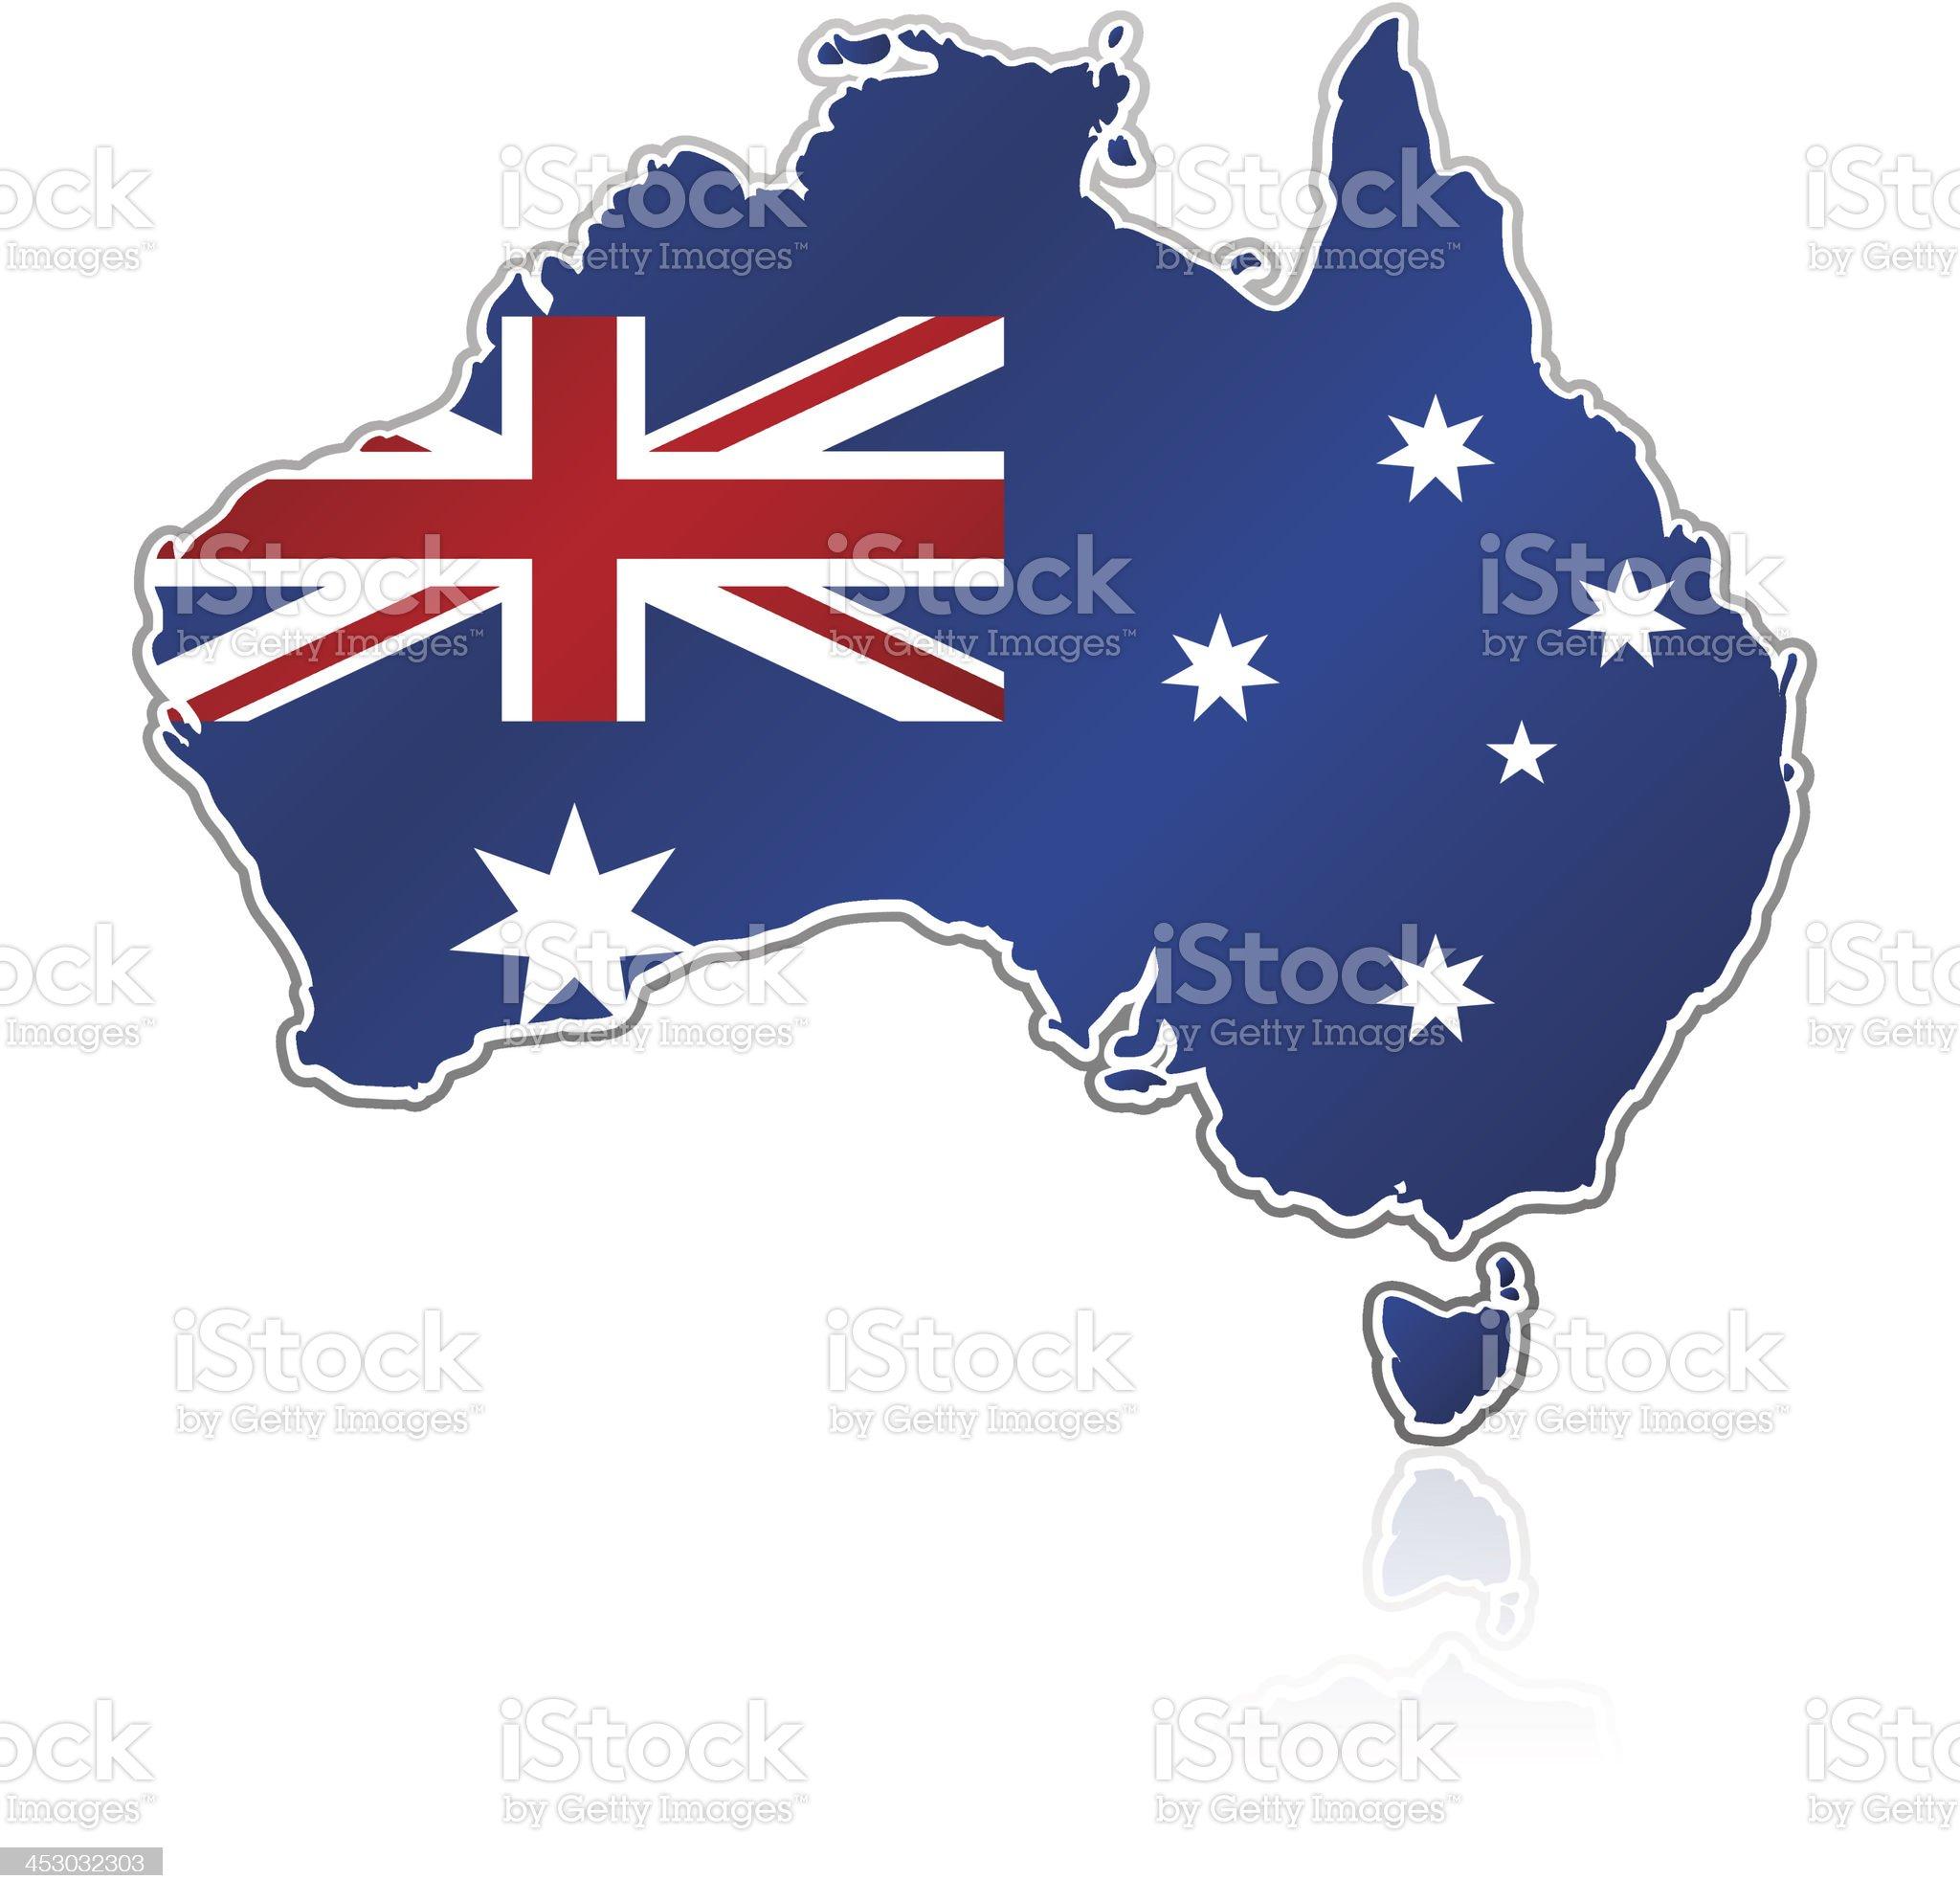 Australia flag map on white background royalty-free stock vector art